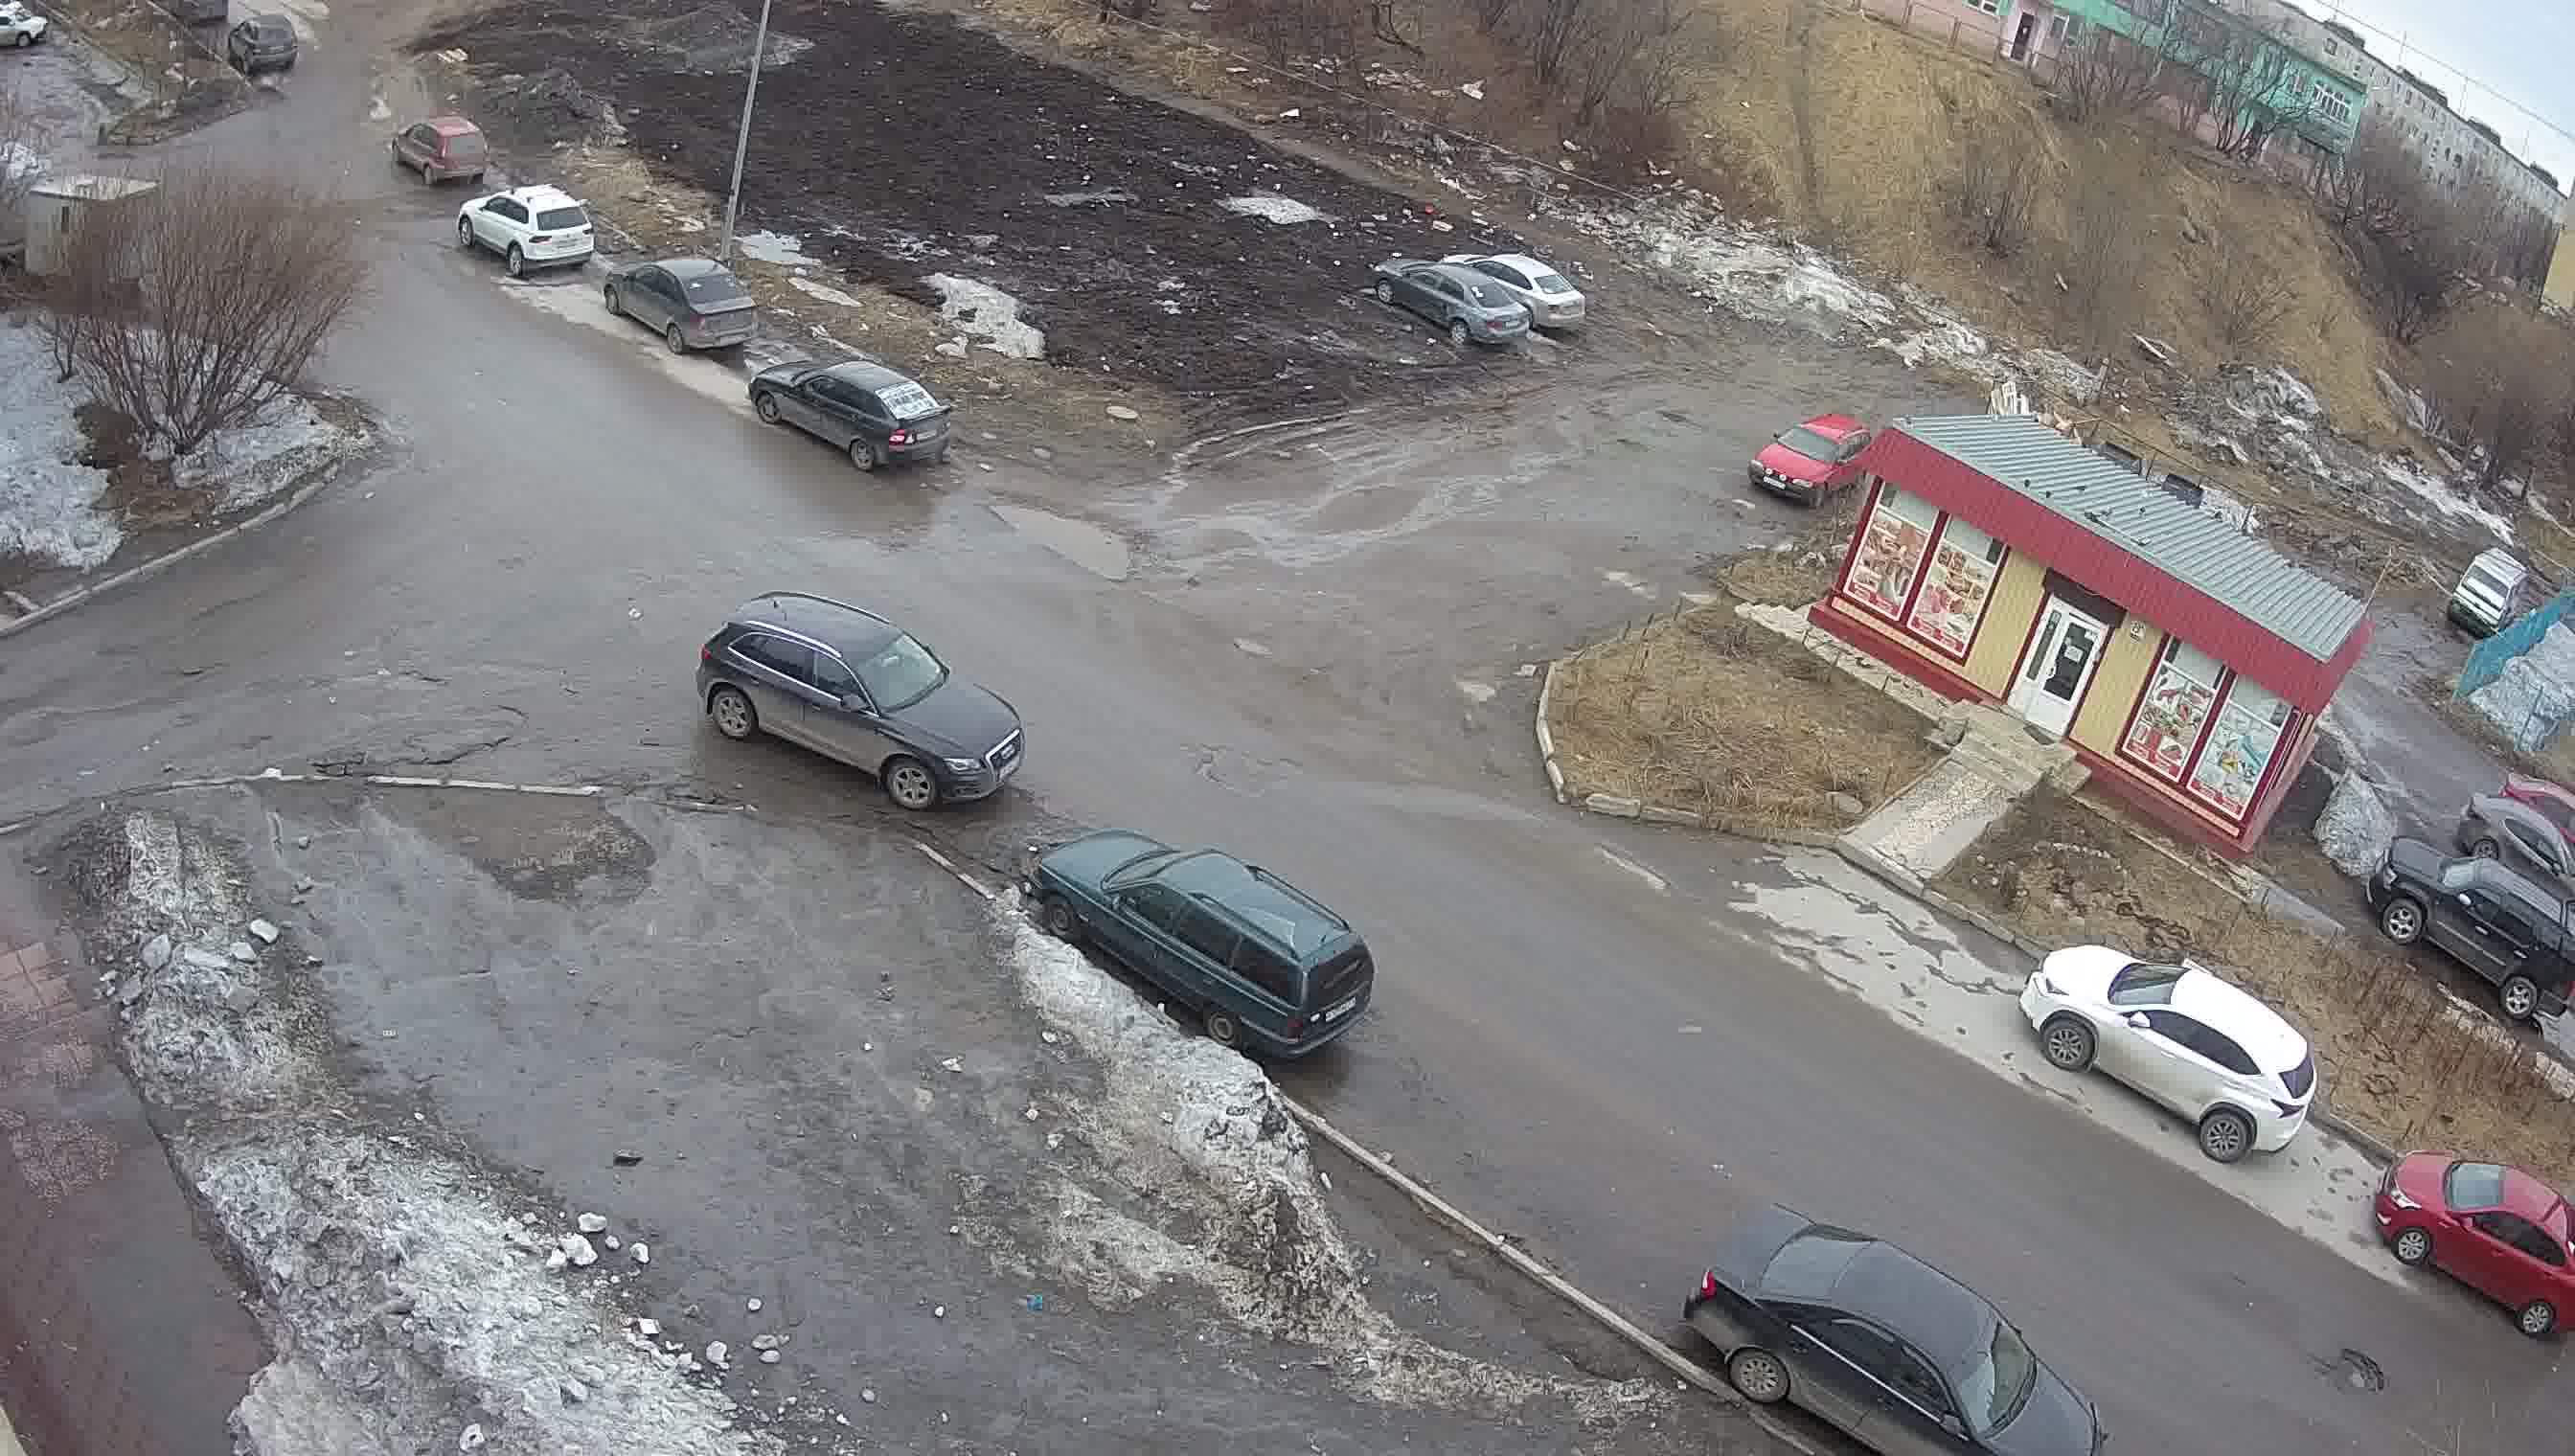 Мурманск веб камера онлайн — pic 3